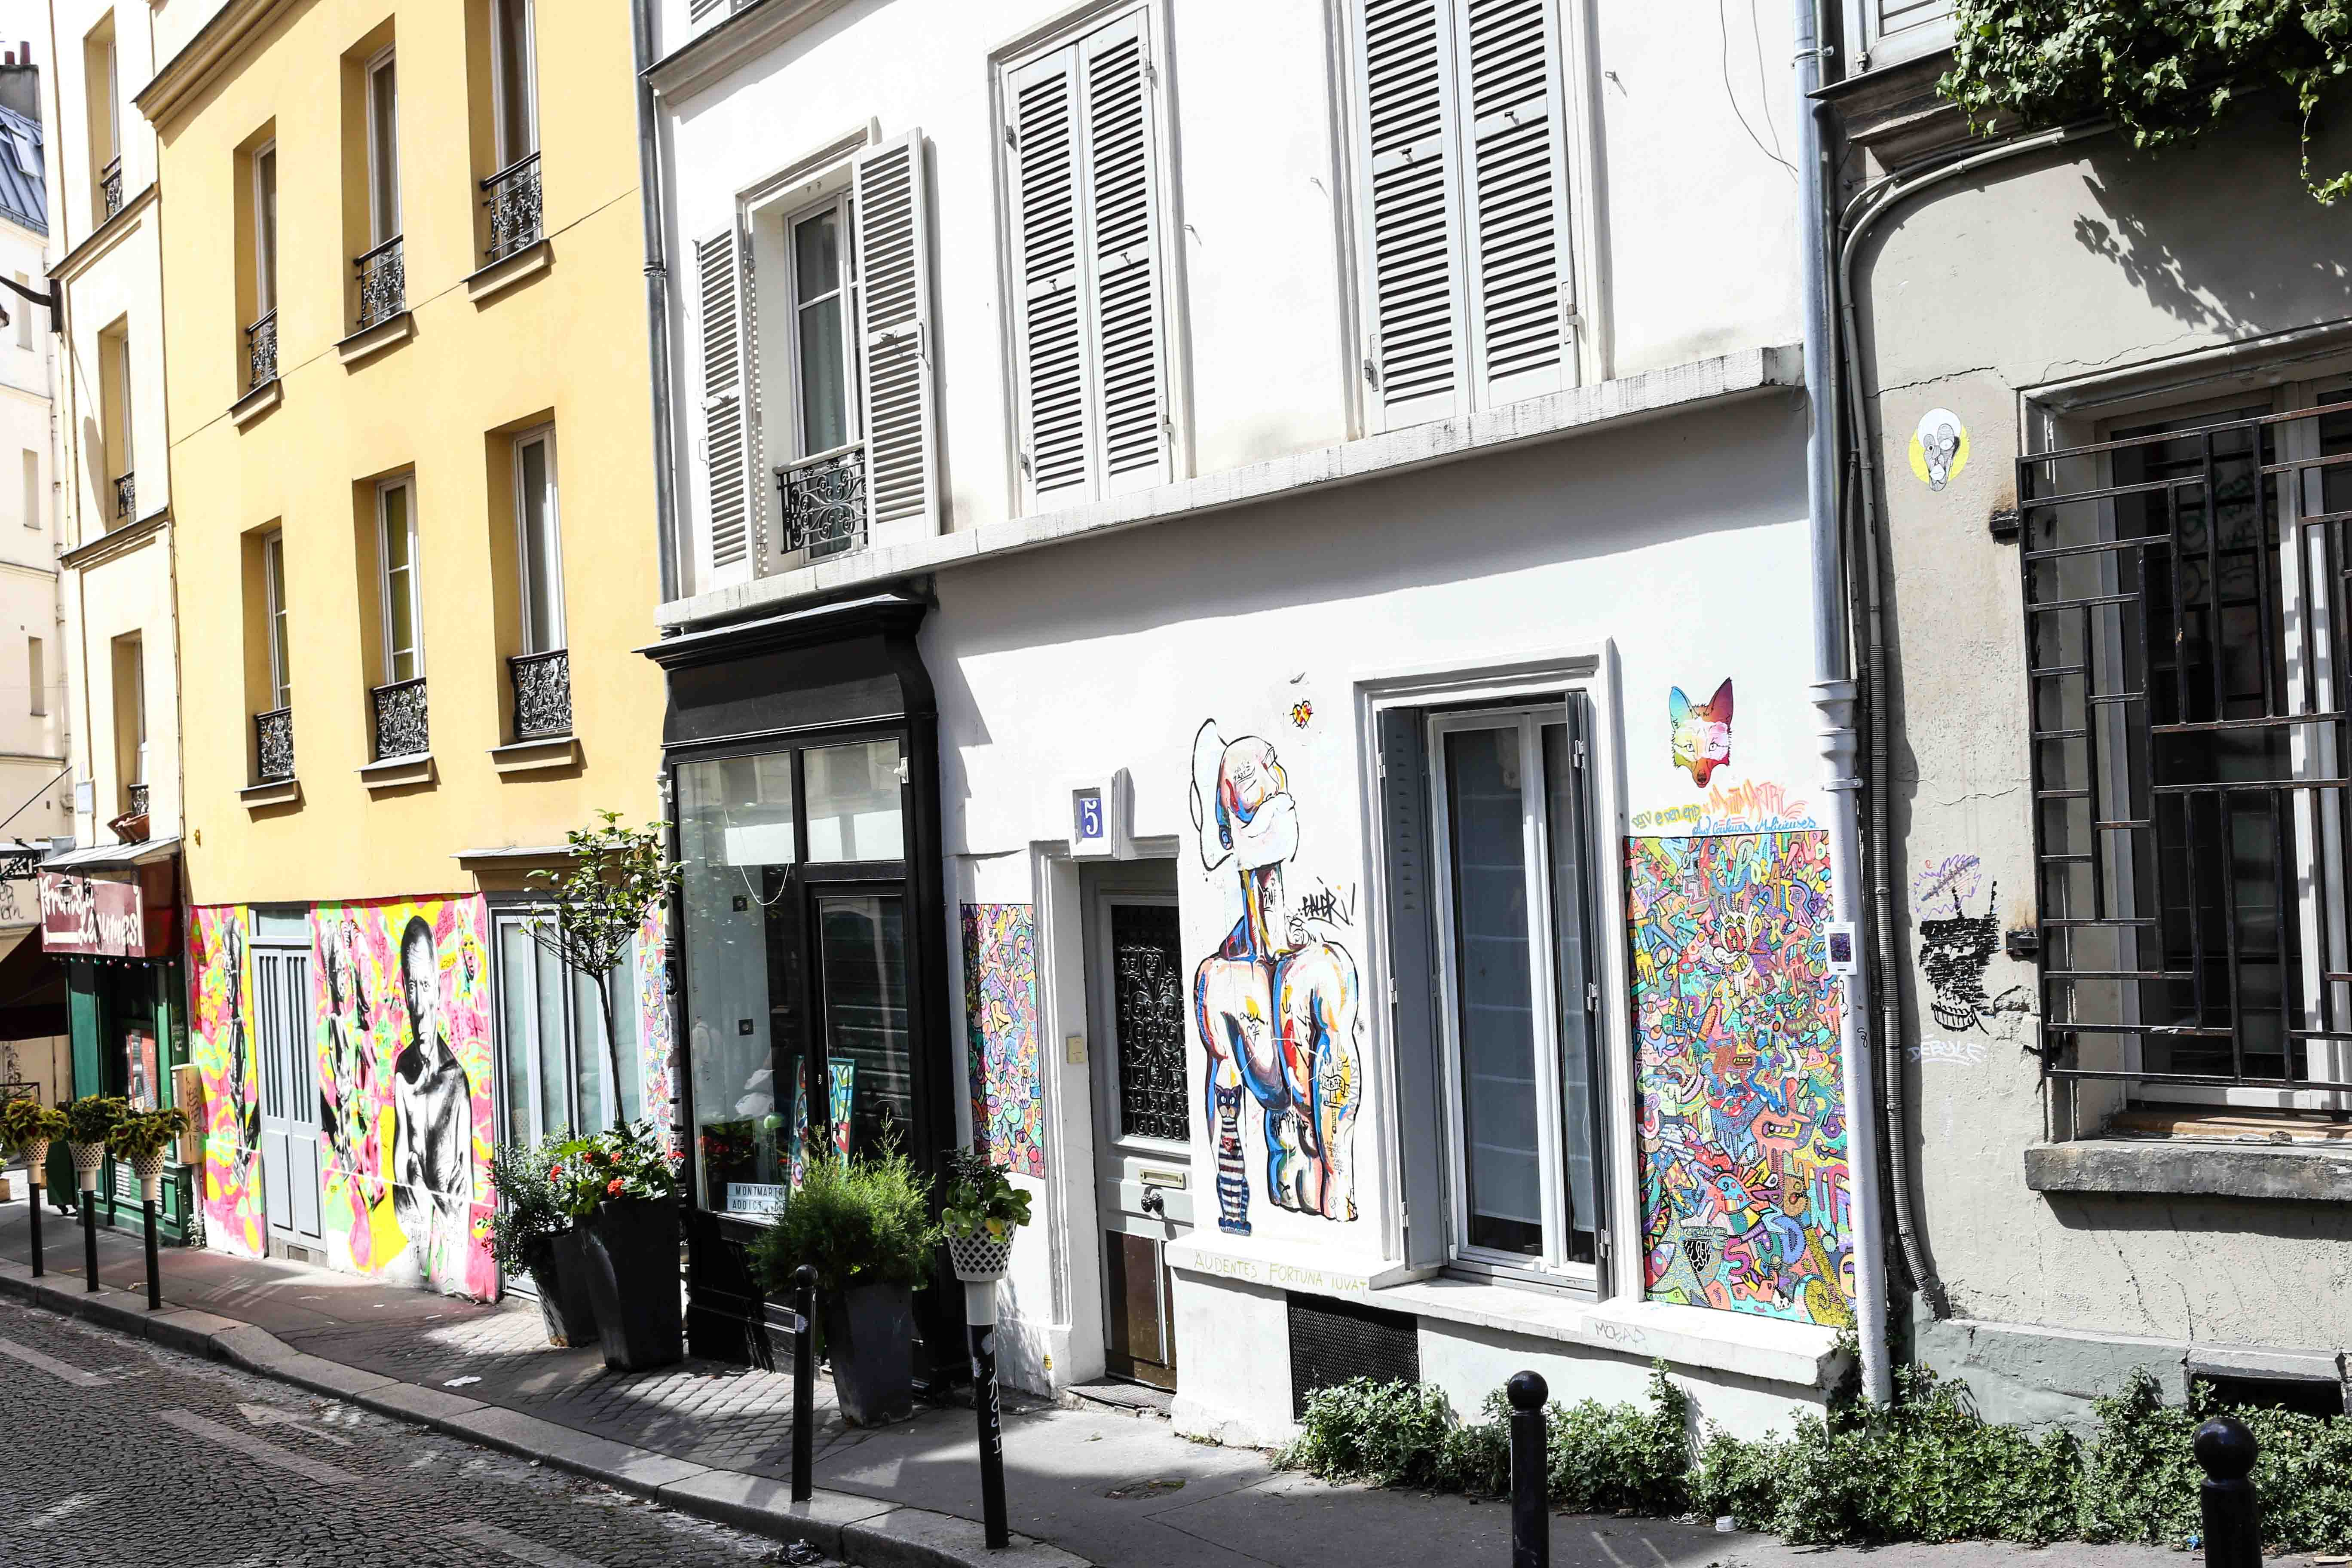 kurztrip-paris-7-tipps-stadt-der-liebe-frankreich-reiseblog-travelblog_2251